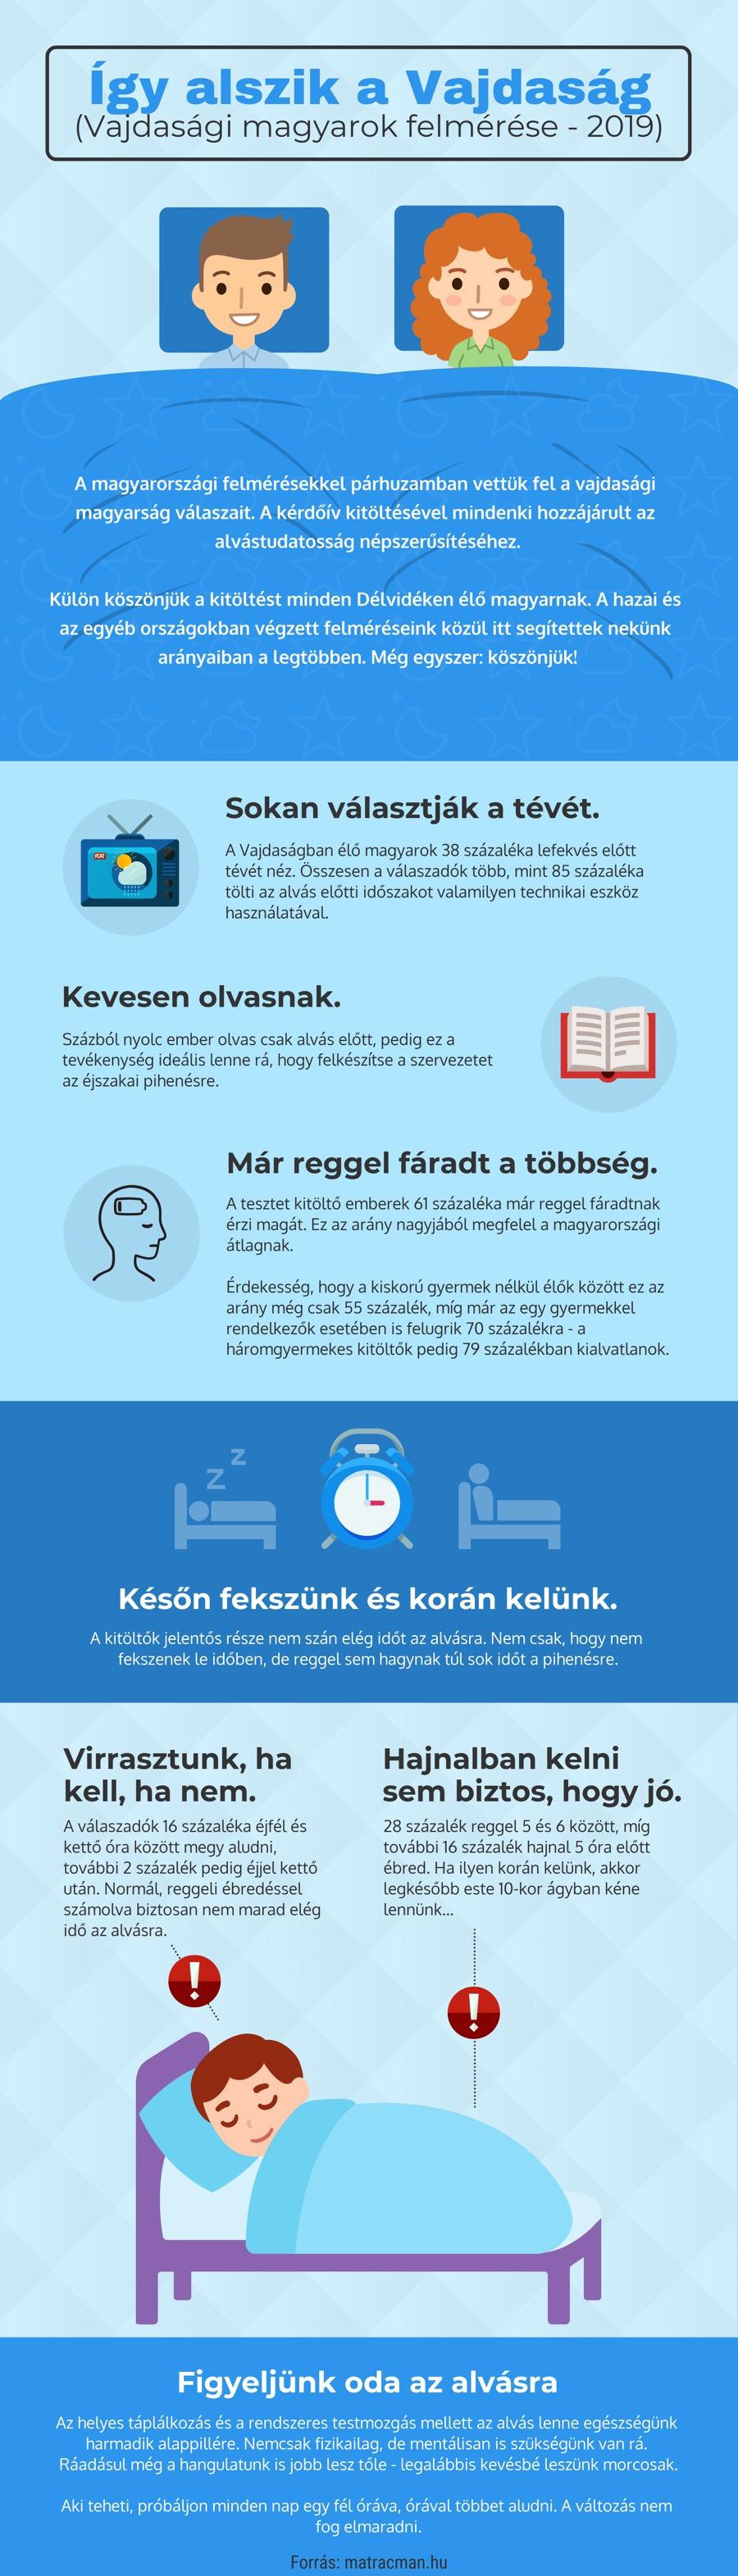 Infografika-vajdasag-magyar-alvasfelmeres